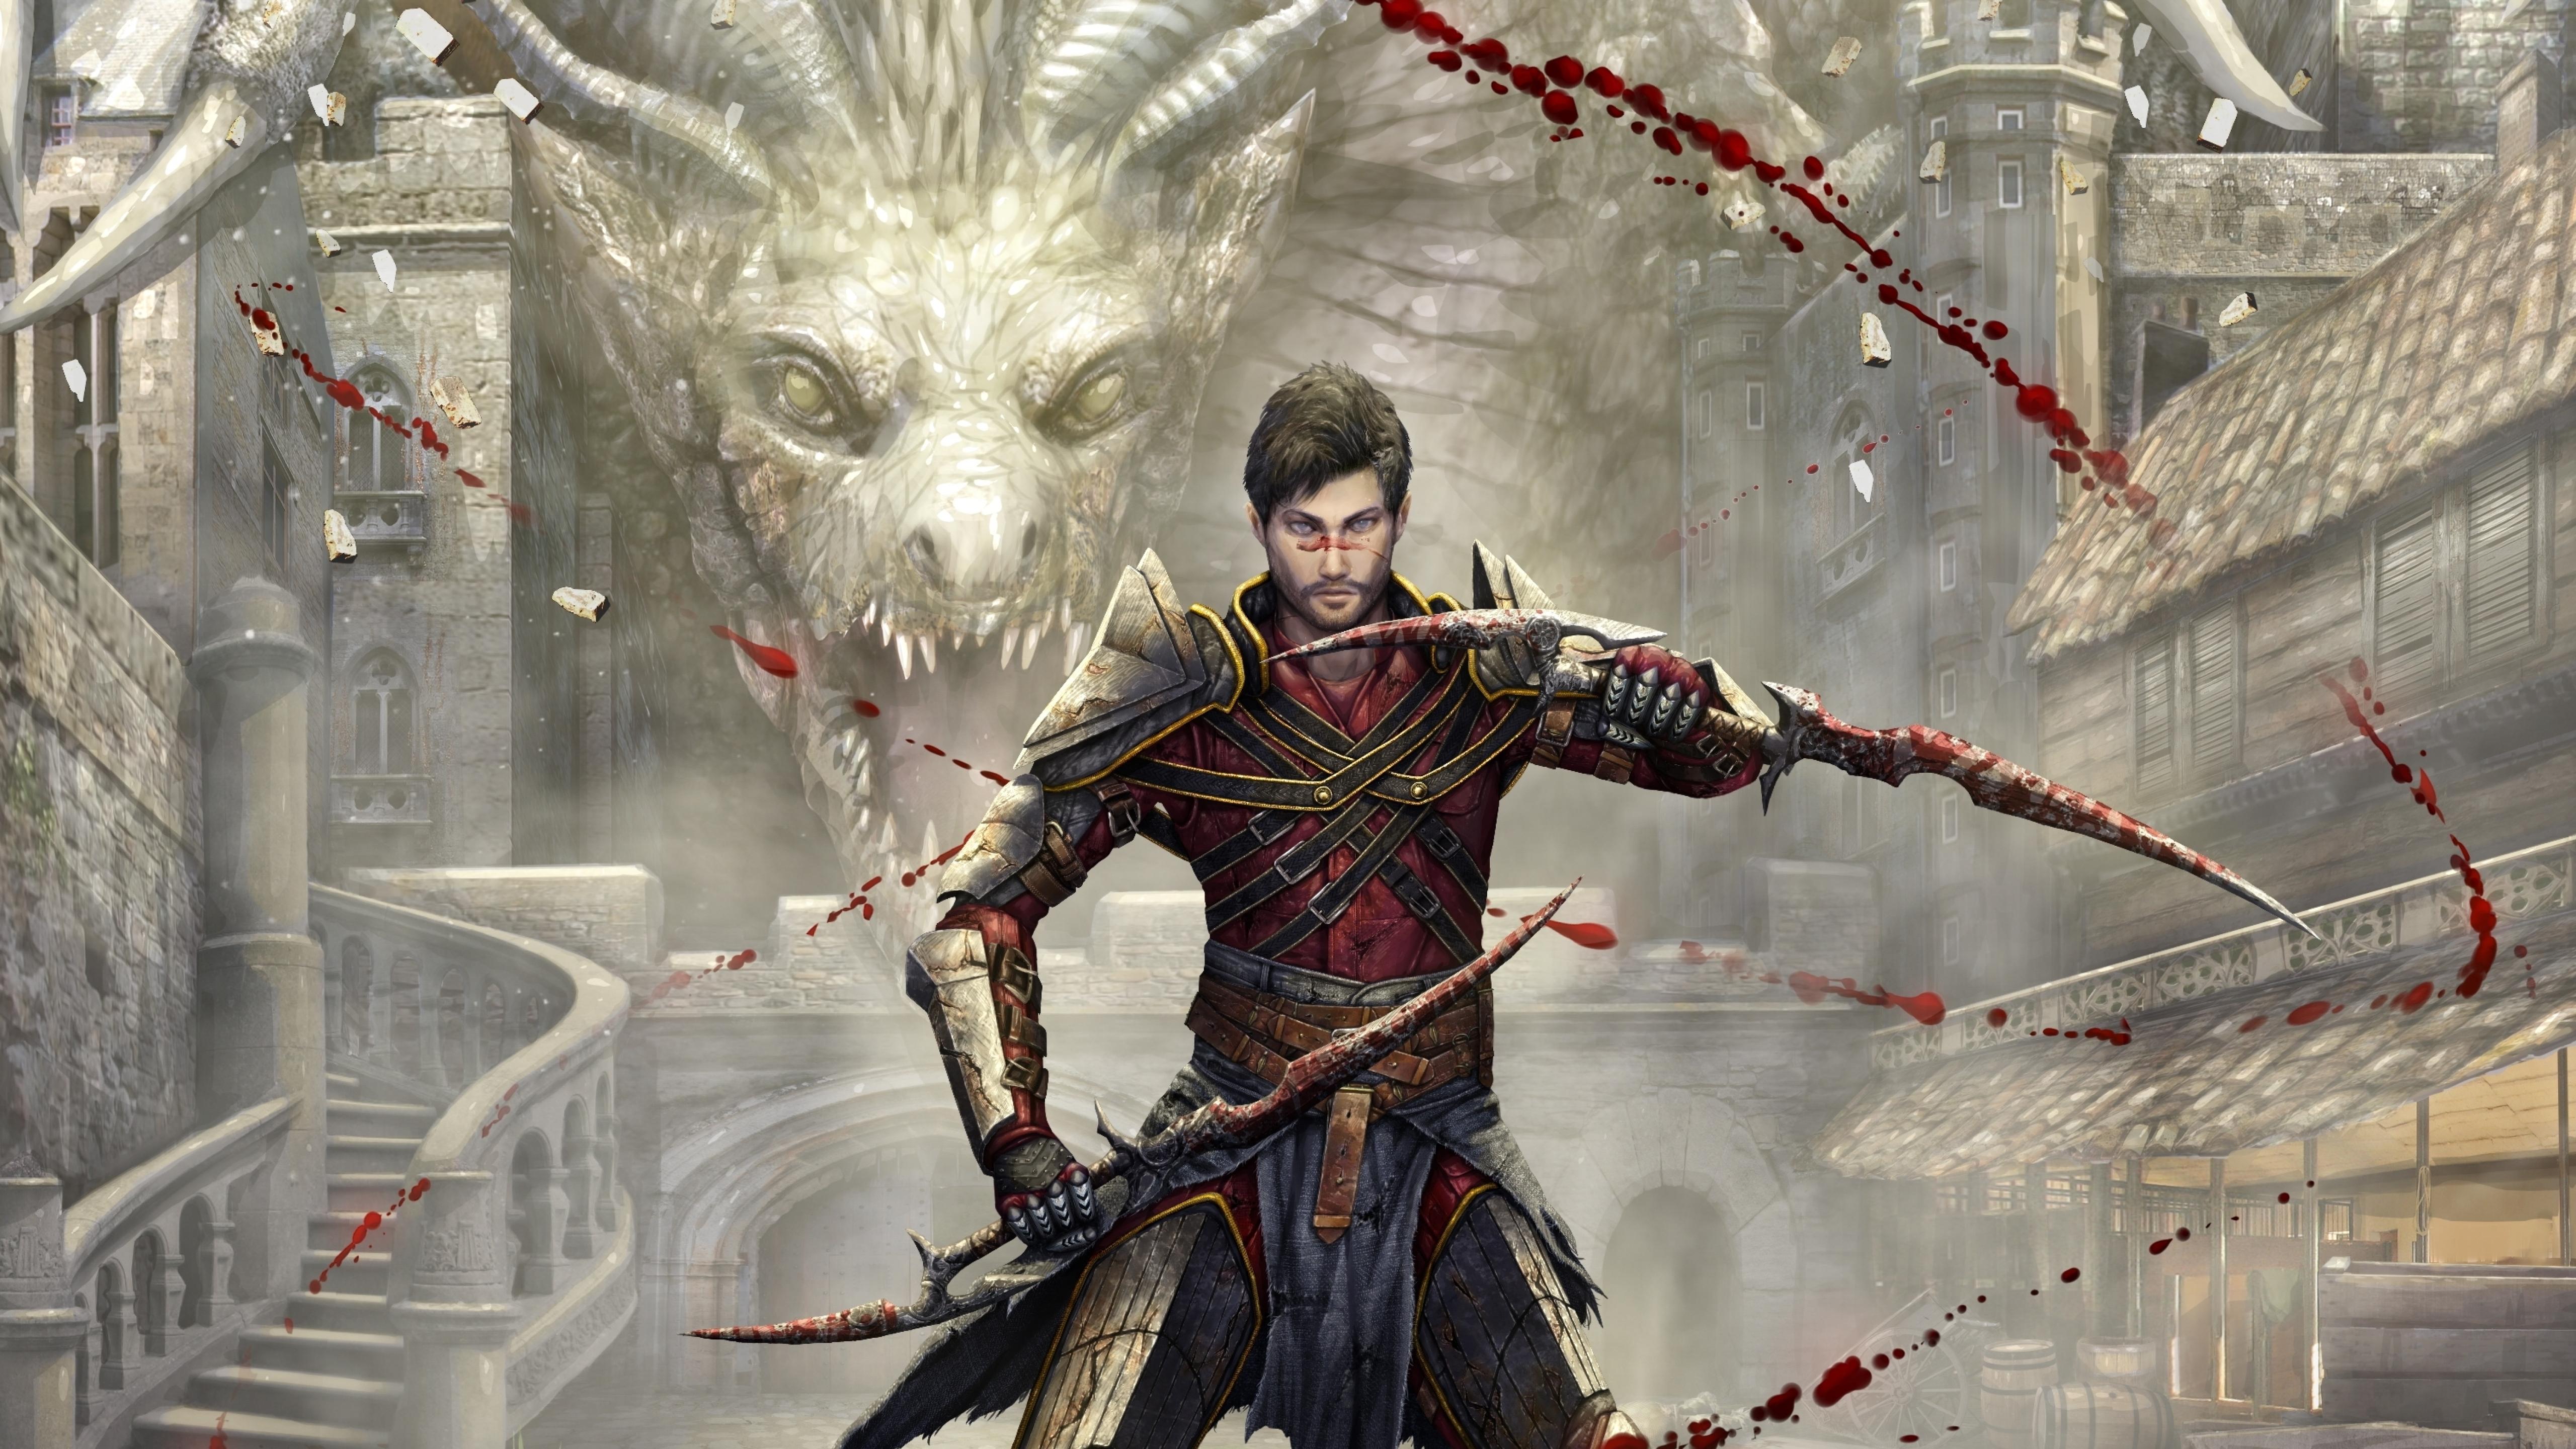 5120x2880 Dragon Age Killer Dragon 5k Wallpaper Hd Games 4k